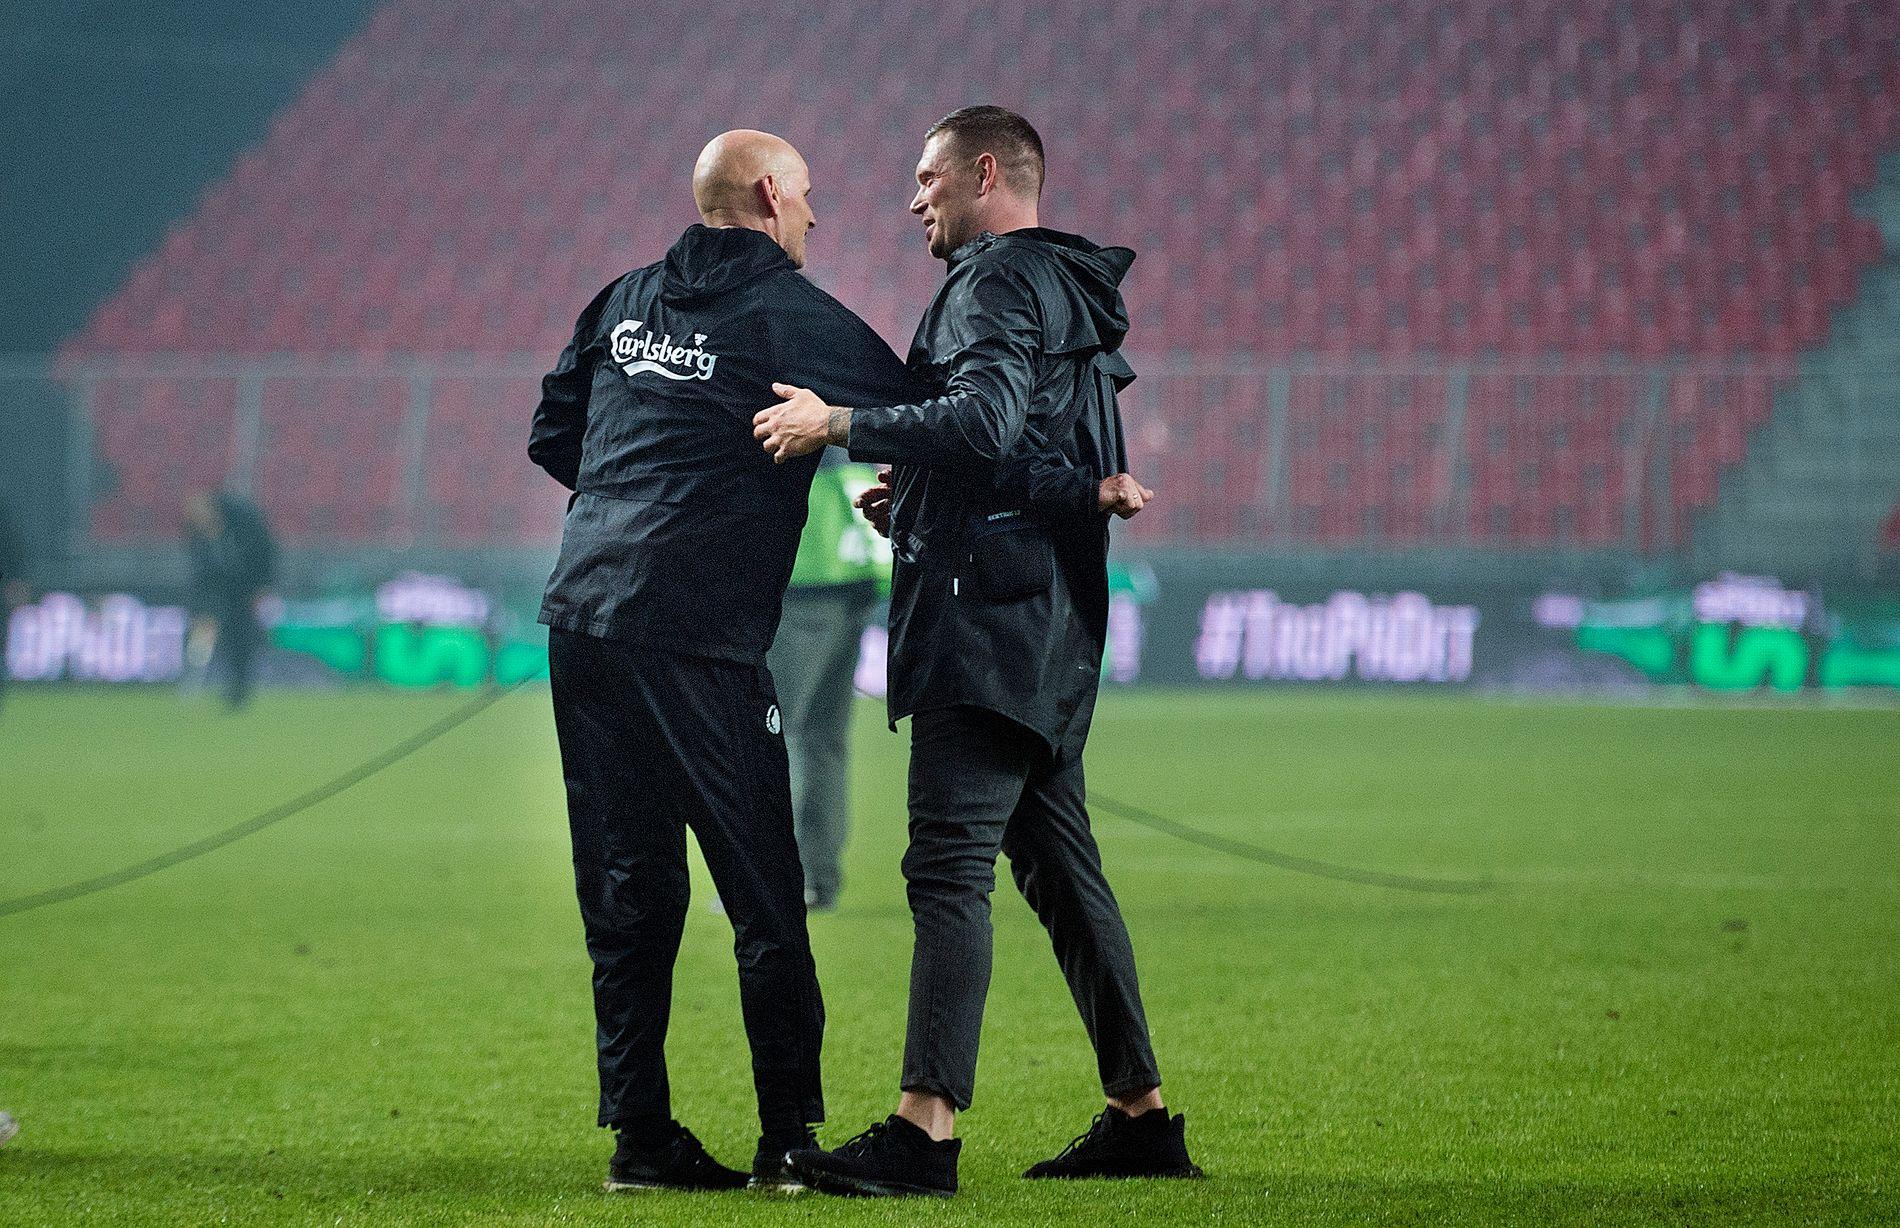 VIDERE: Ståle Solbakken etter at FCK København slo ut Atalanta av Europa League-kvalifiseringen.